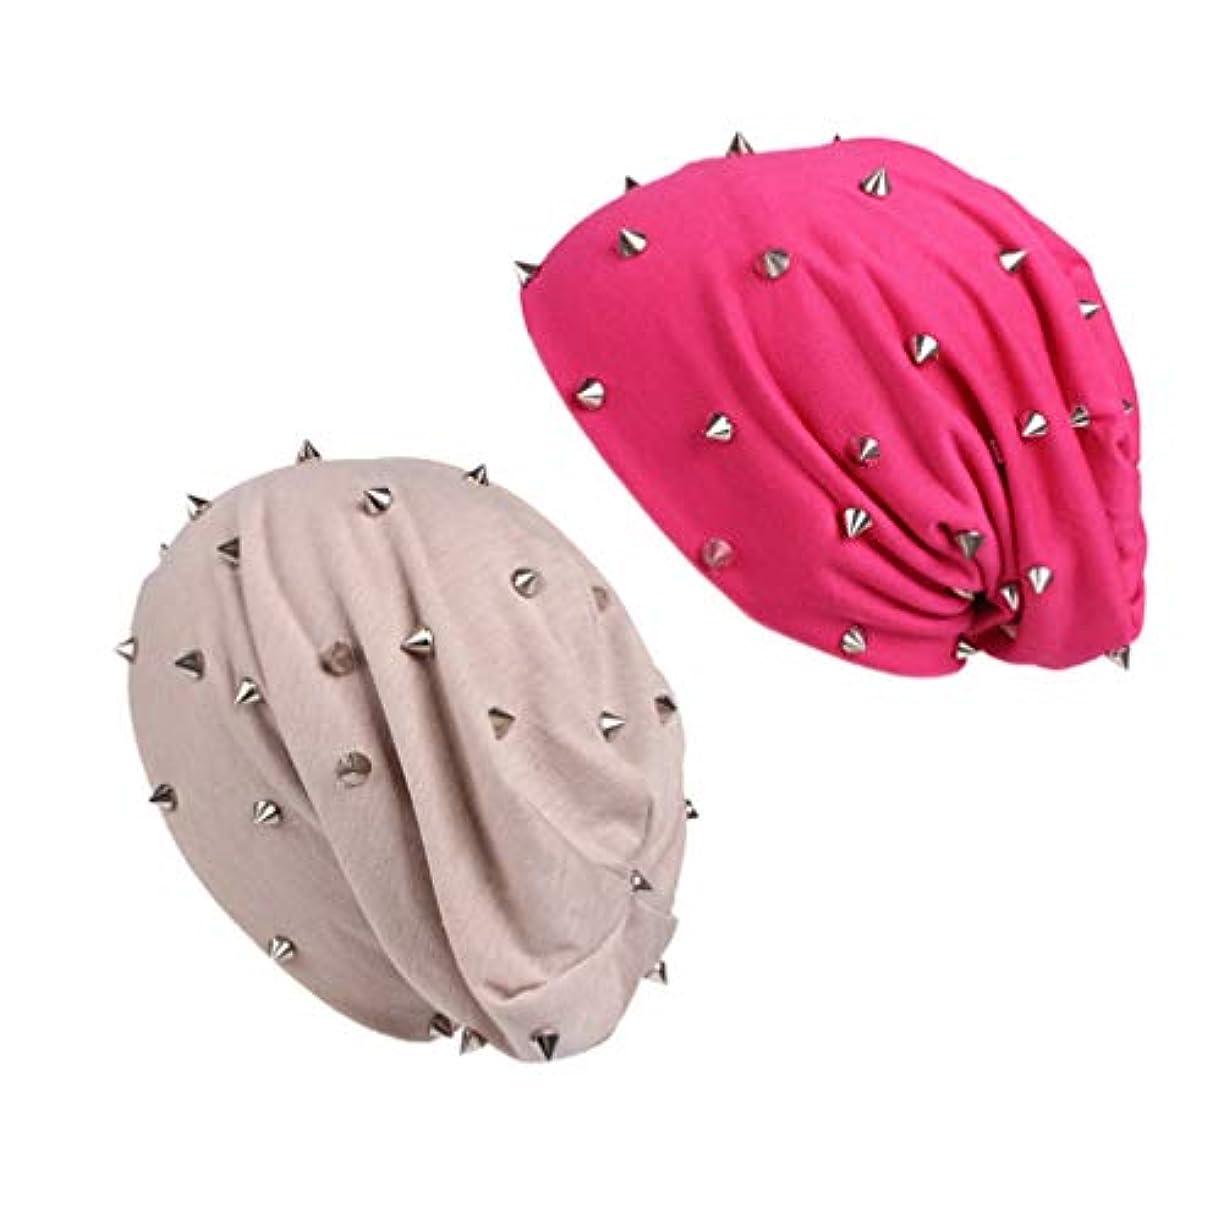 まとめる在庫国歌Healifty 2ピースリベットビーニー帽子エッジの効いたスパイクスタッドパンクロックヒップホップキャップベージュロージー